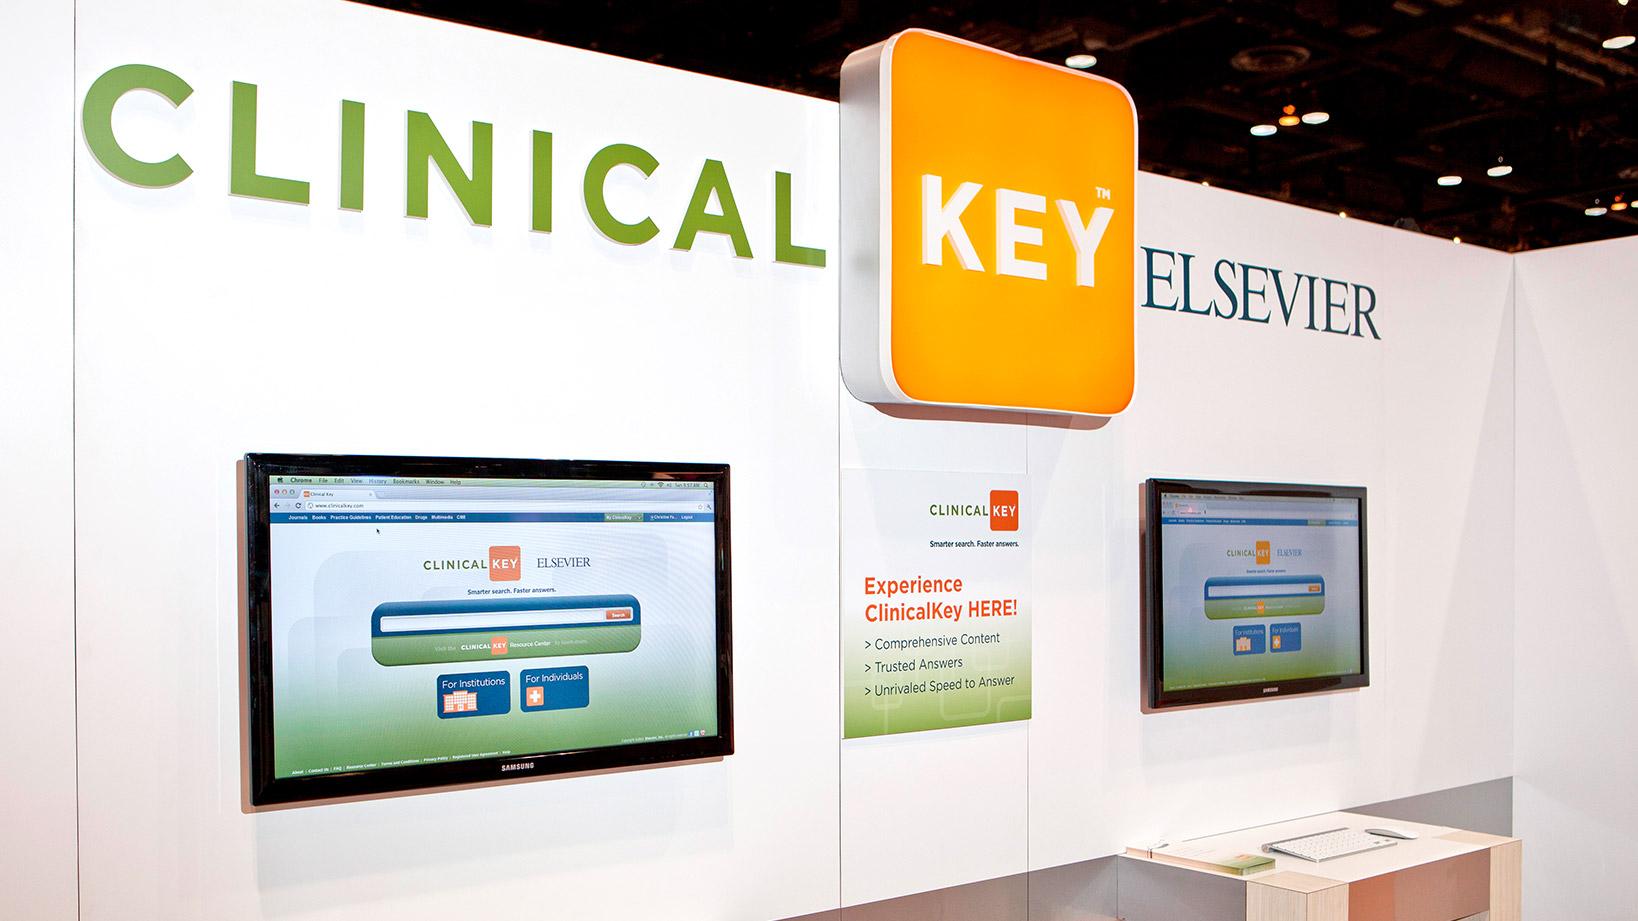 ClinicalKey kiosk